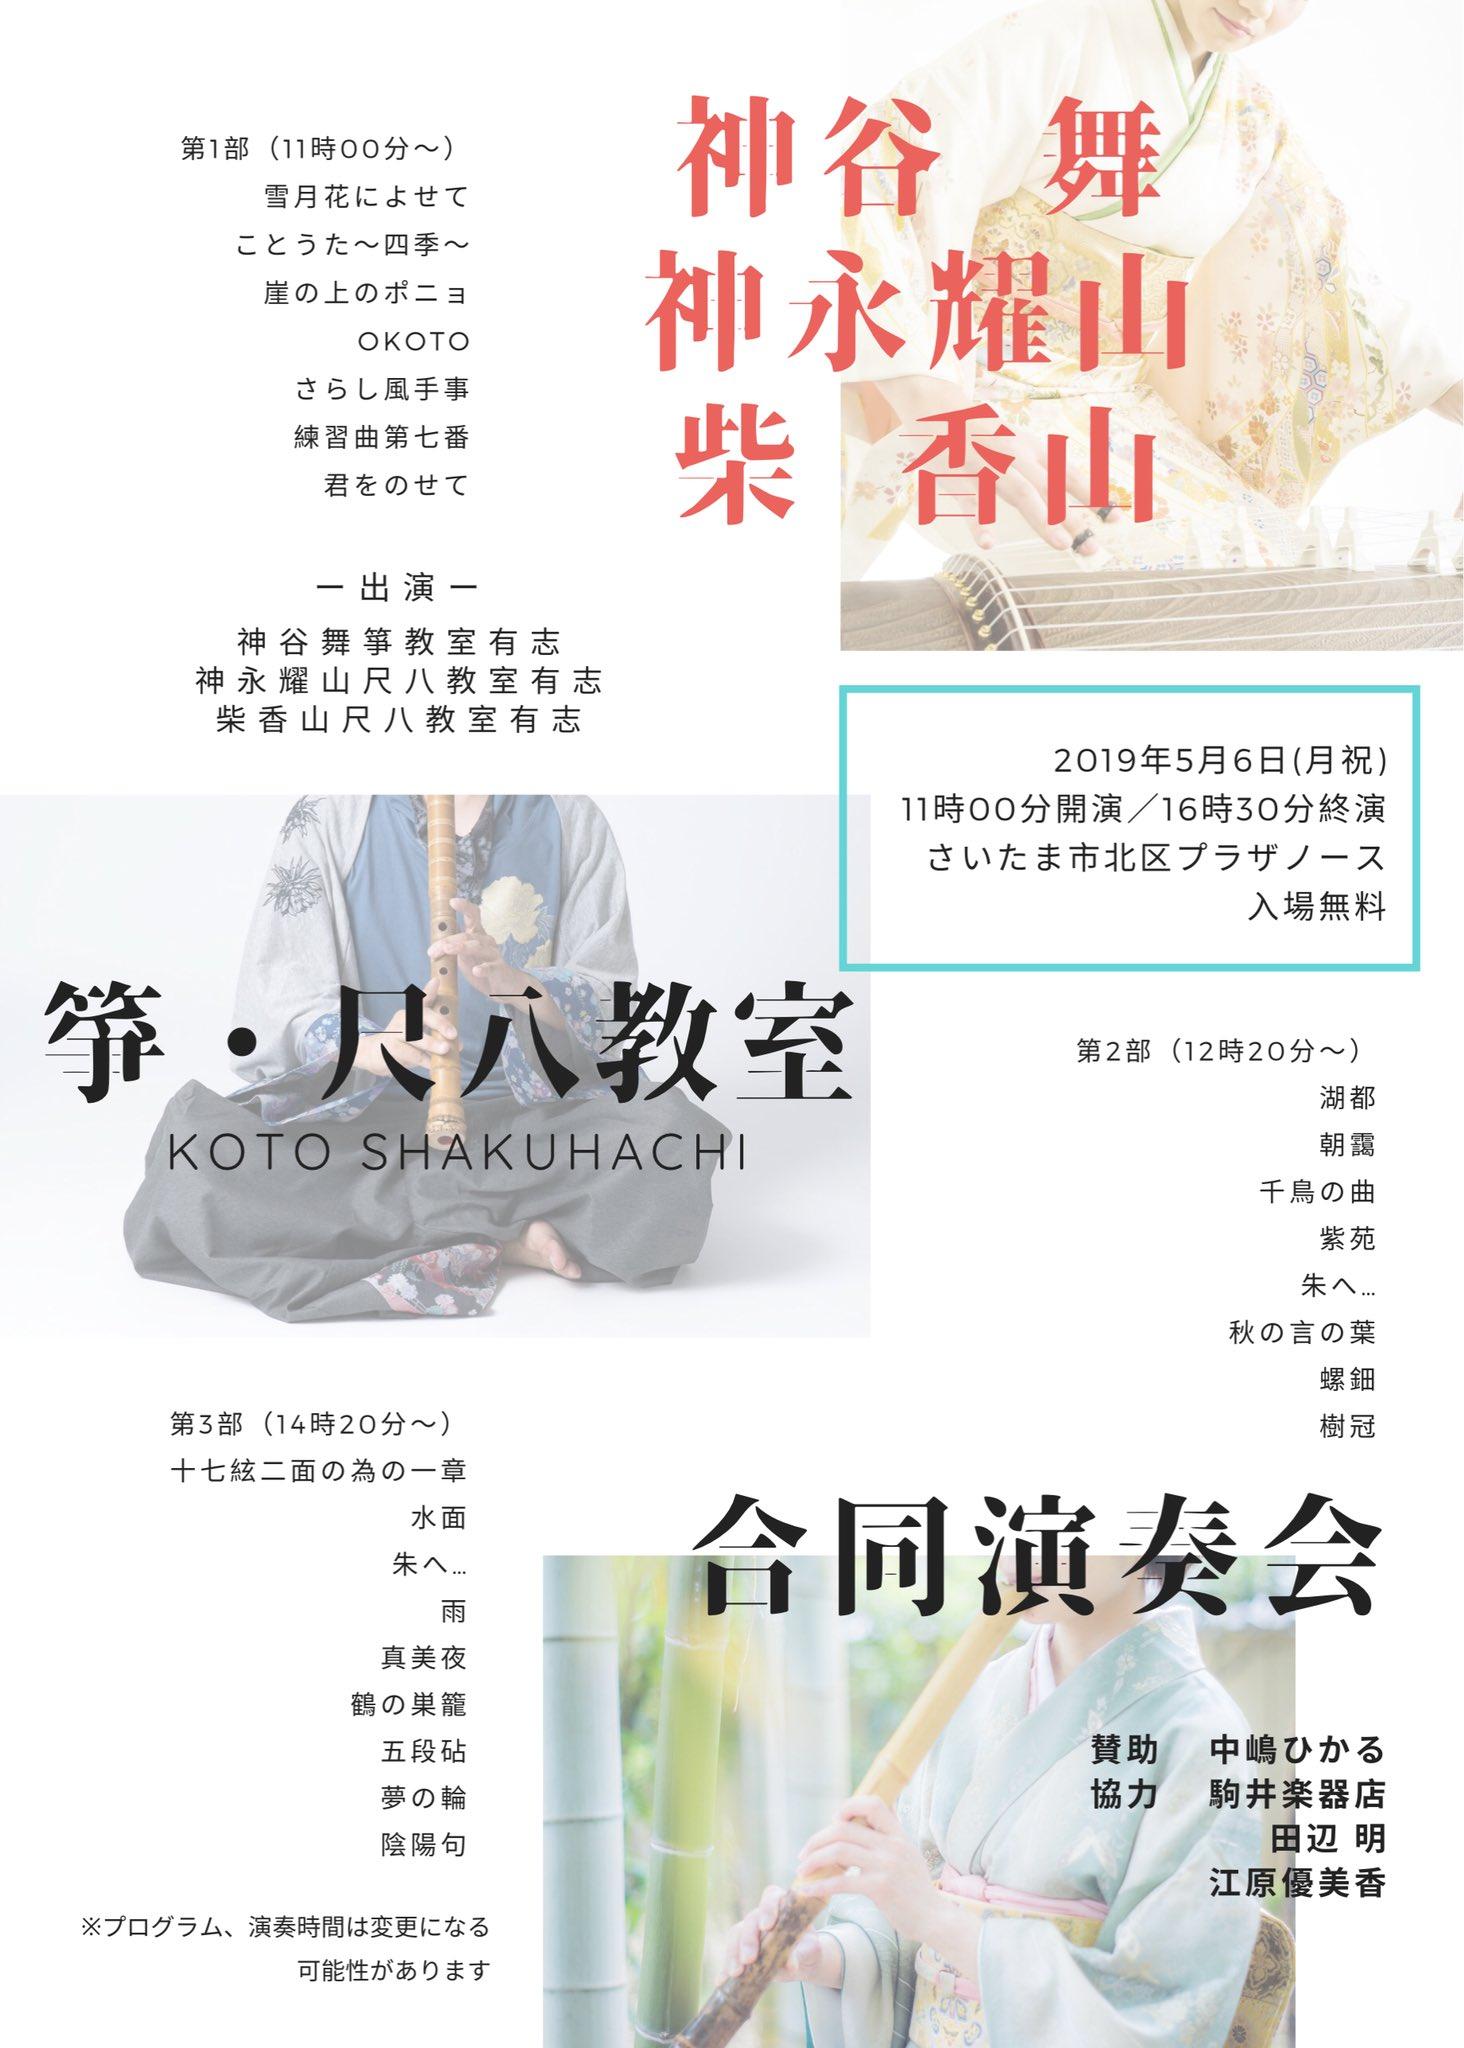 神谷舞・神永耀山・柴香山 箏・尺八教室 合同演奏会